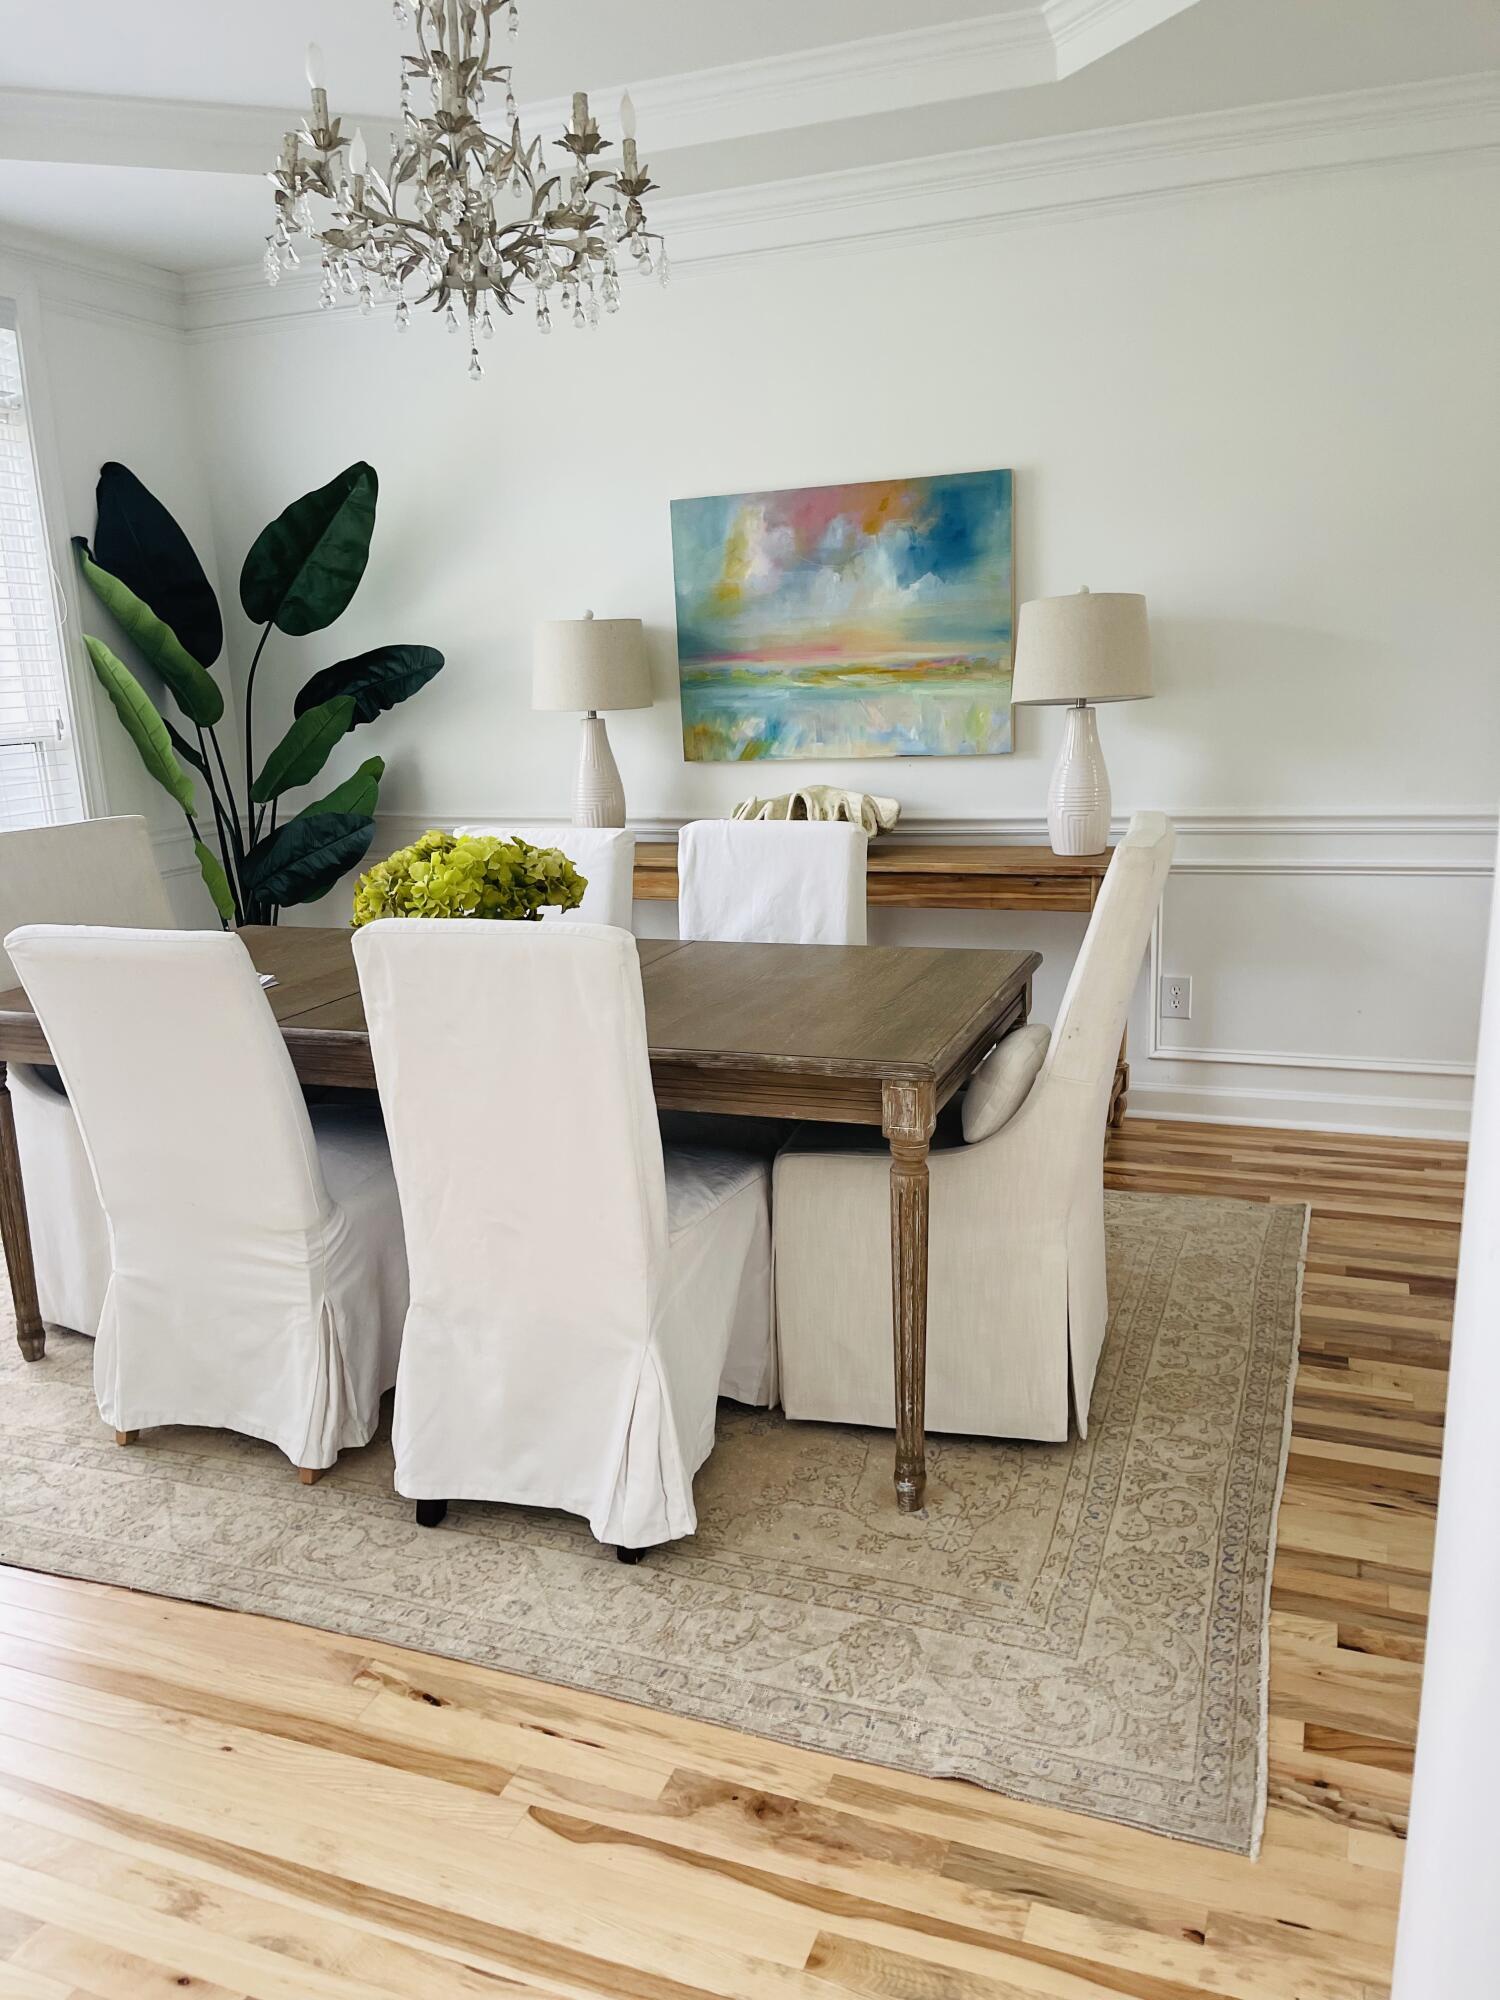 Dunes West Homes For Sale - 3059 Riverwood, Mount Pleasant, SC - 27